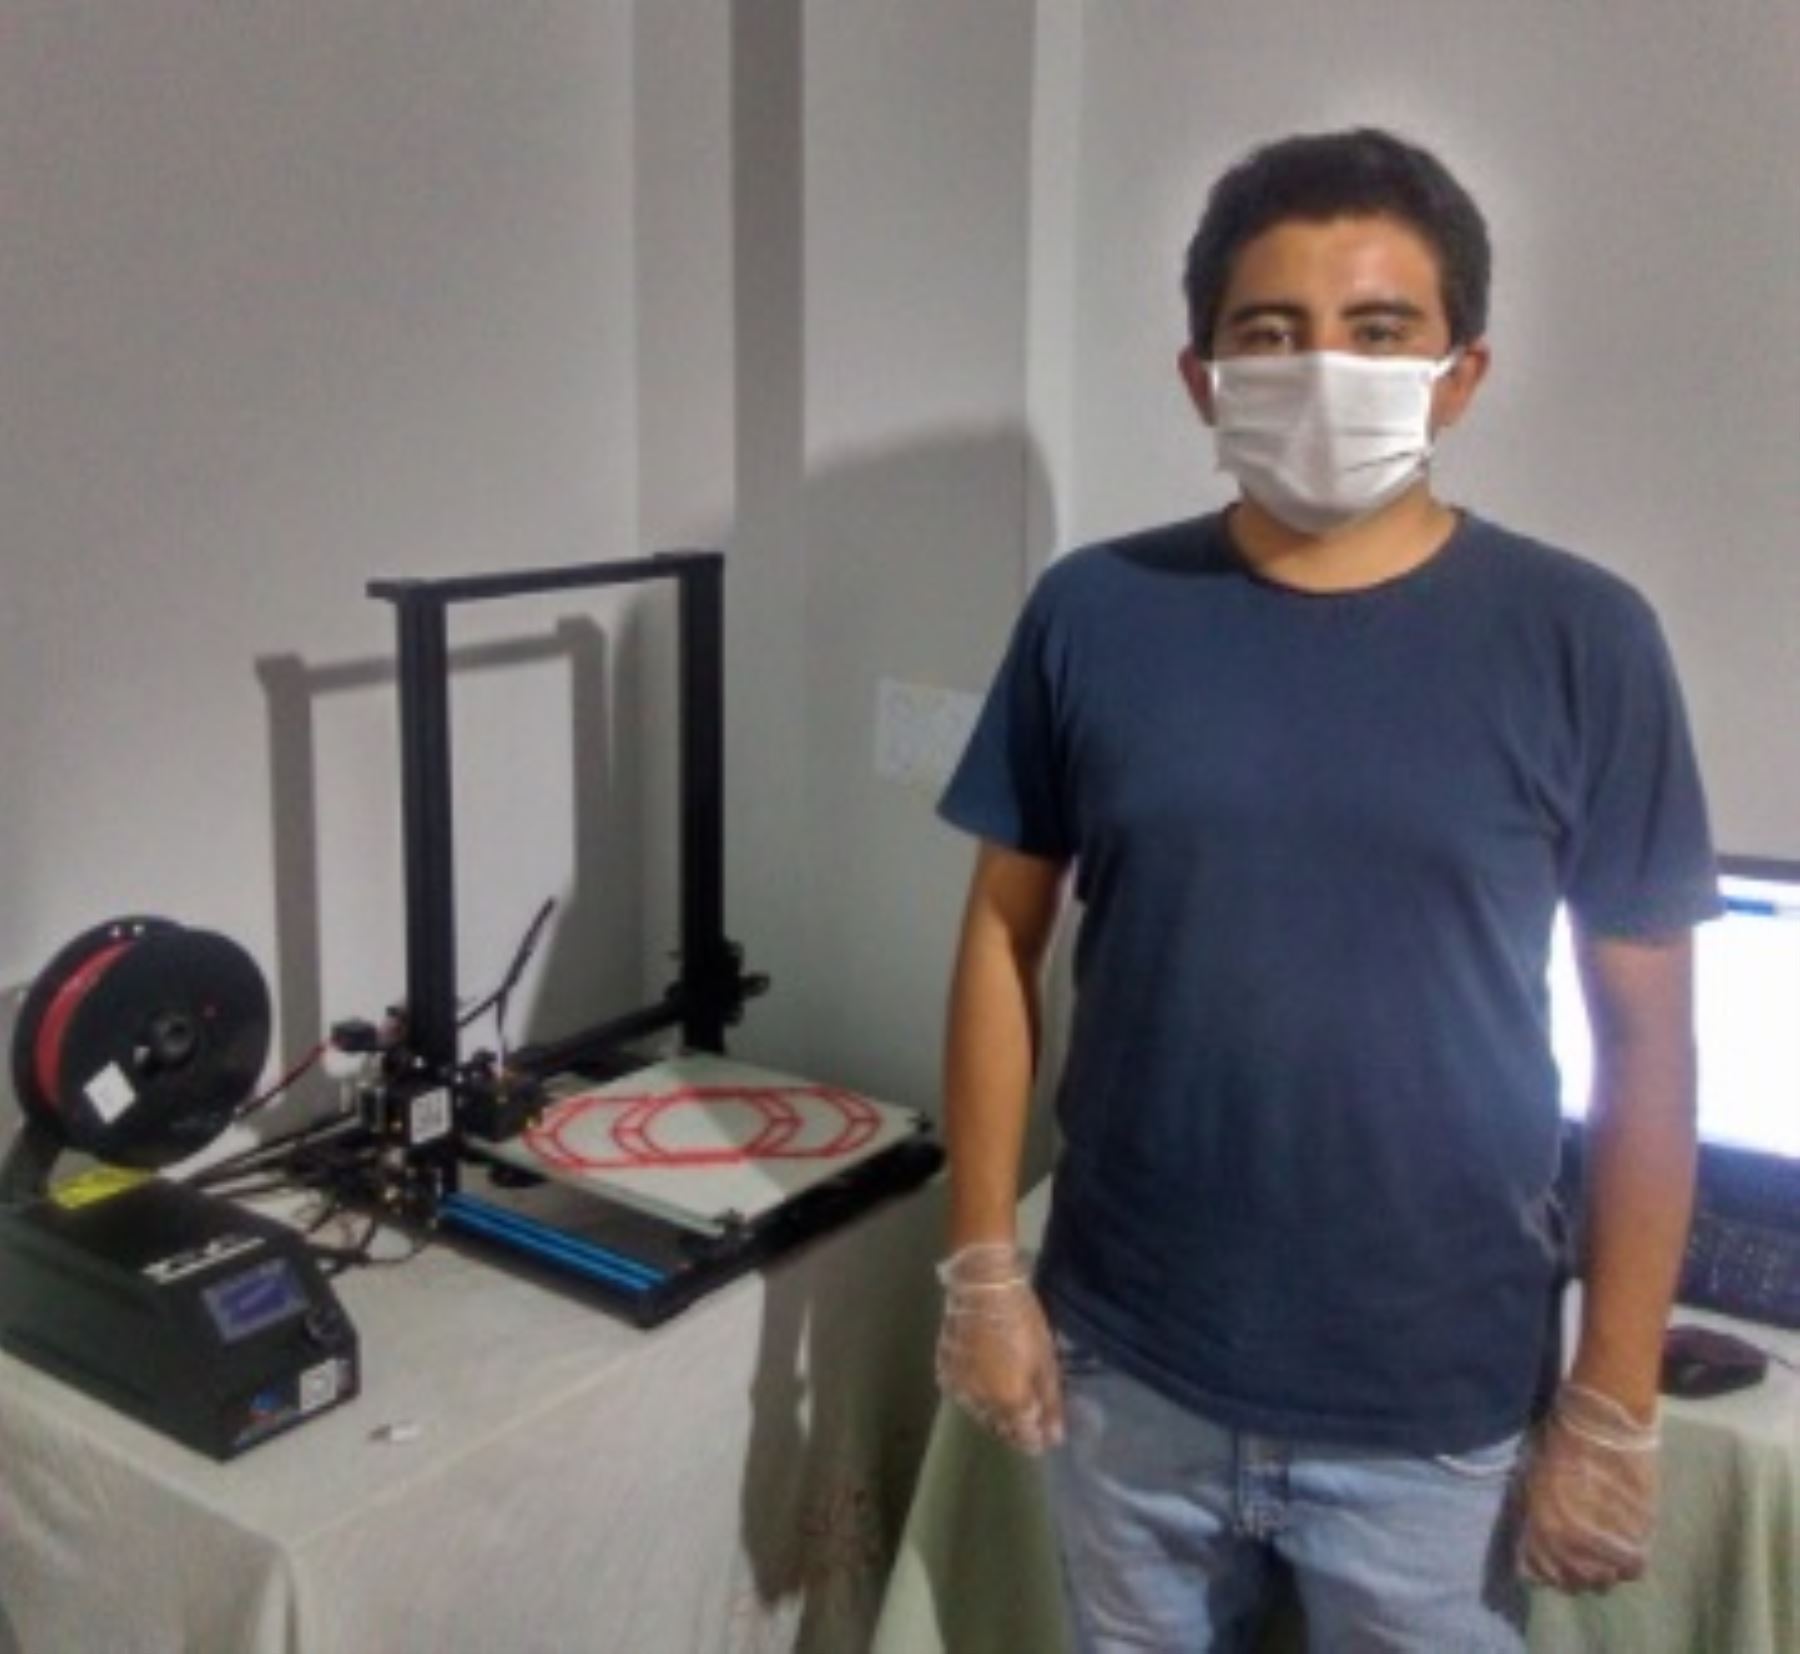 Luis Serquén es un joven arquitecto chiclayano considerado un ejemplo en Lambayeque porque con una impresora 3D decidió fabricar protectores faciales para donarlos al personal médico que lucha en primera línea contra el covid-19 en dicho departamento del norte peruano.